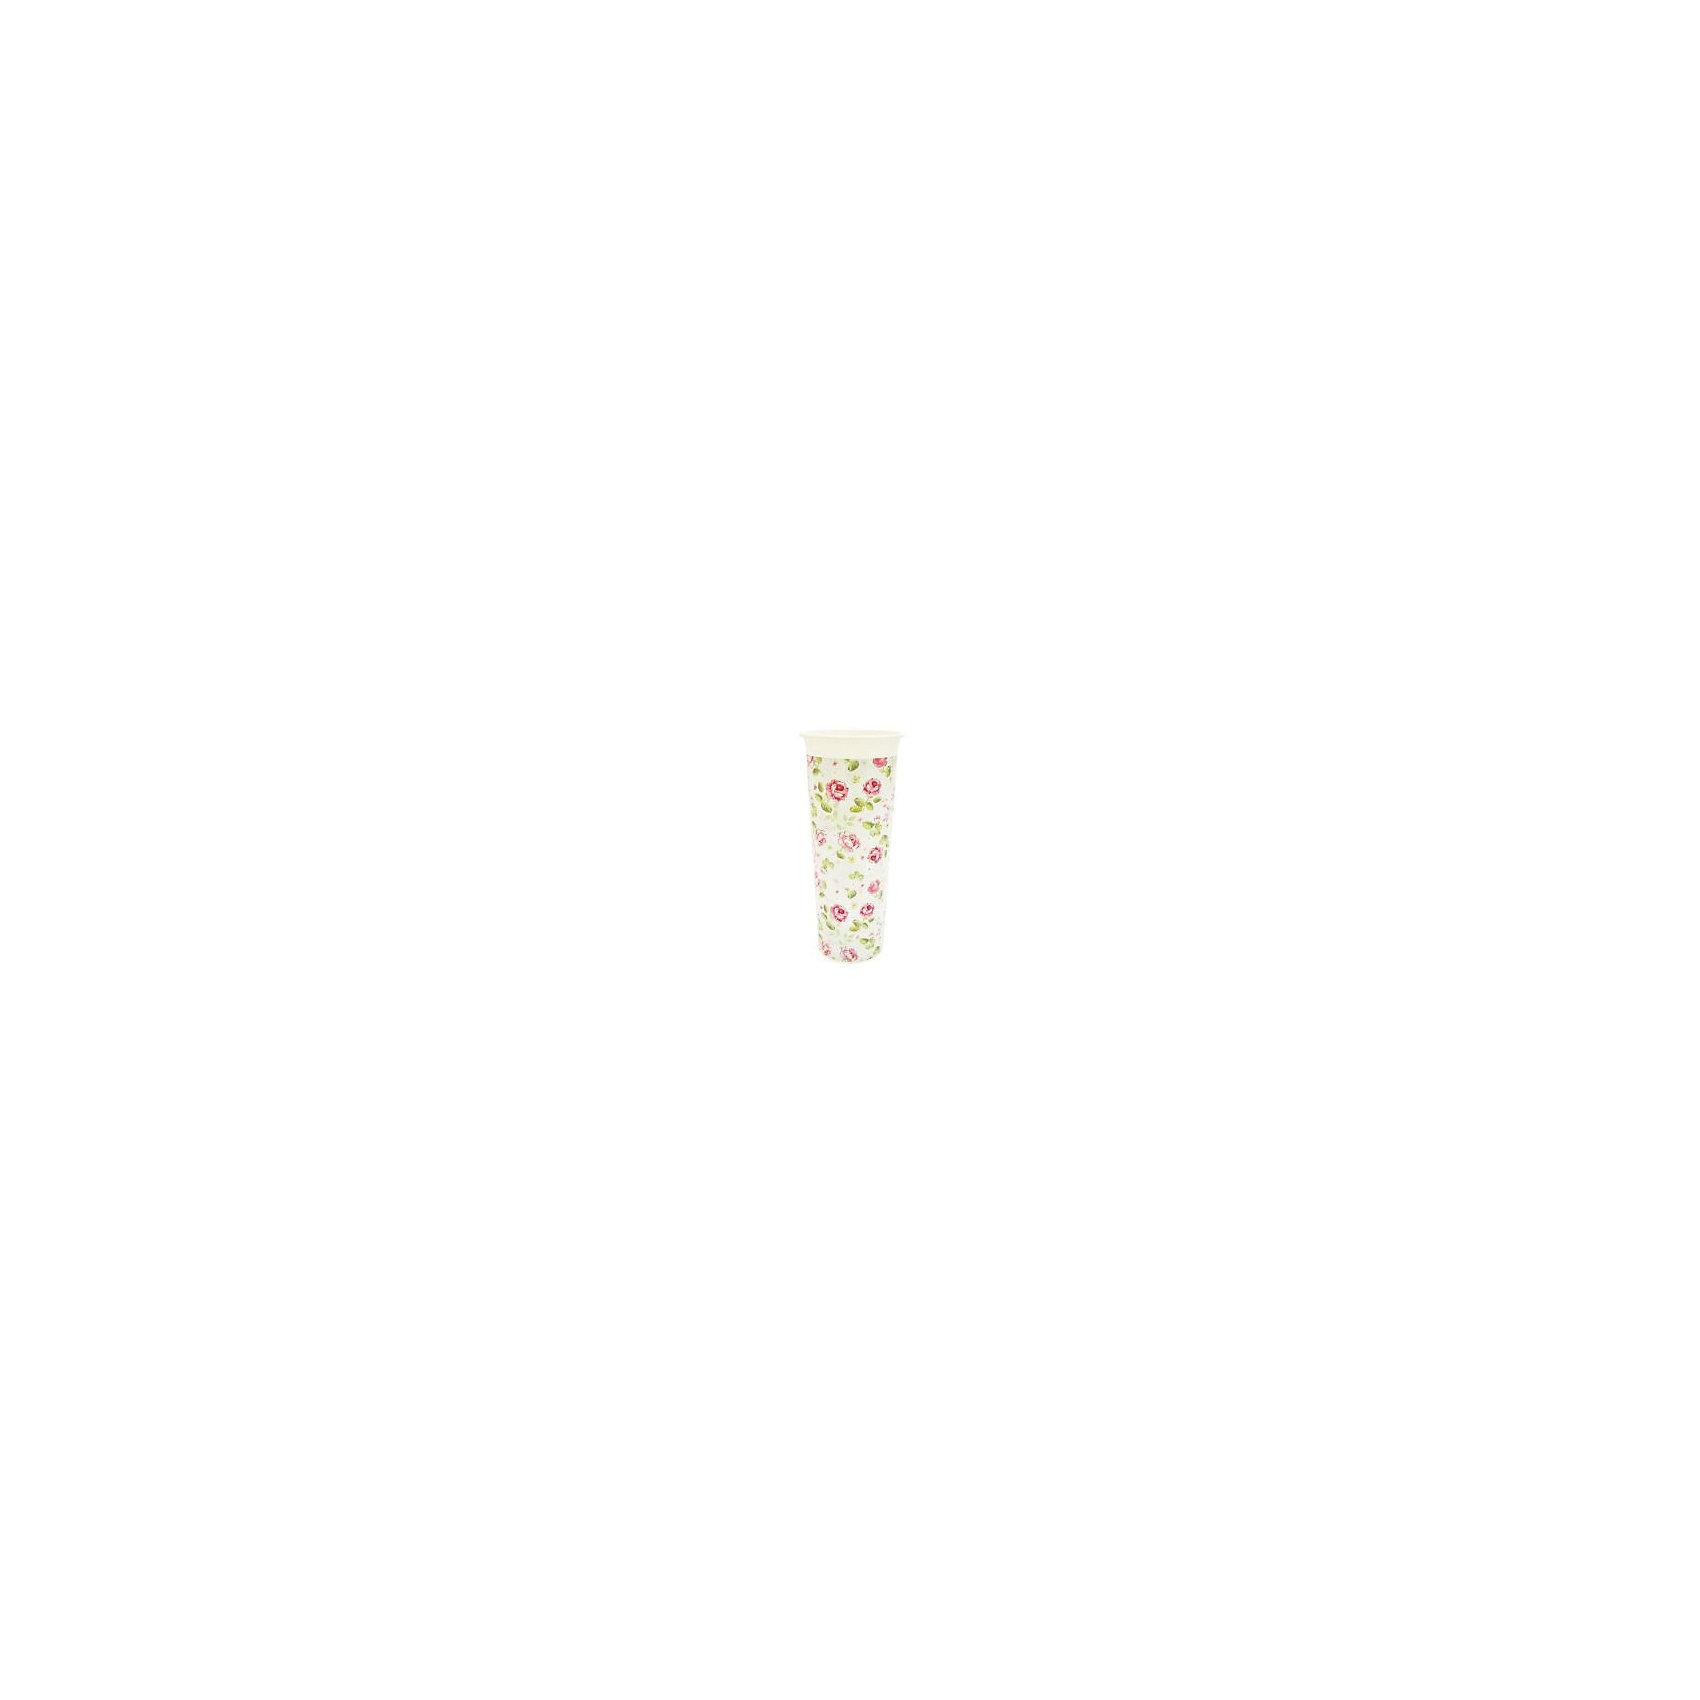 Ваза для цветов Розы D 112 mm, INGREENПредметы интерьера<br>Оригинальные и неповторимые по своей стилистике вазы для цветов ТМ InGreen станут прекрасным украшением загородного дома, дачи или квартиры. Вазы декорированы IML-этикеткой, которая отличается от аналогов высокой точностью и качеством печати. Этикетка выглядит единым целым с корпусом изделия, что придает внешнюю привлекательность товару. Также этикетка повышает устойчивость вазы к внешним механическим повреждениям.<br><br>Ширина мм: 112<br>Глубина мм: 112<br>Высота мм: 260<br>Вес г: 111<br>Возраст от месяцев: 216<br>Возраст до месяцев: 1188<br>Пол: Унисекс<br>Возраст: Детский<br>SKU: 5545639